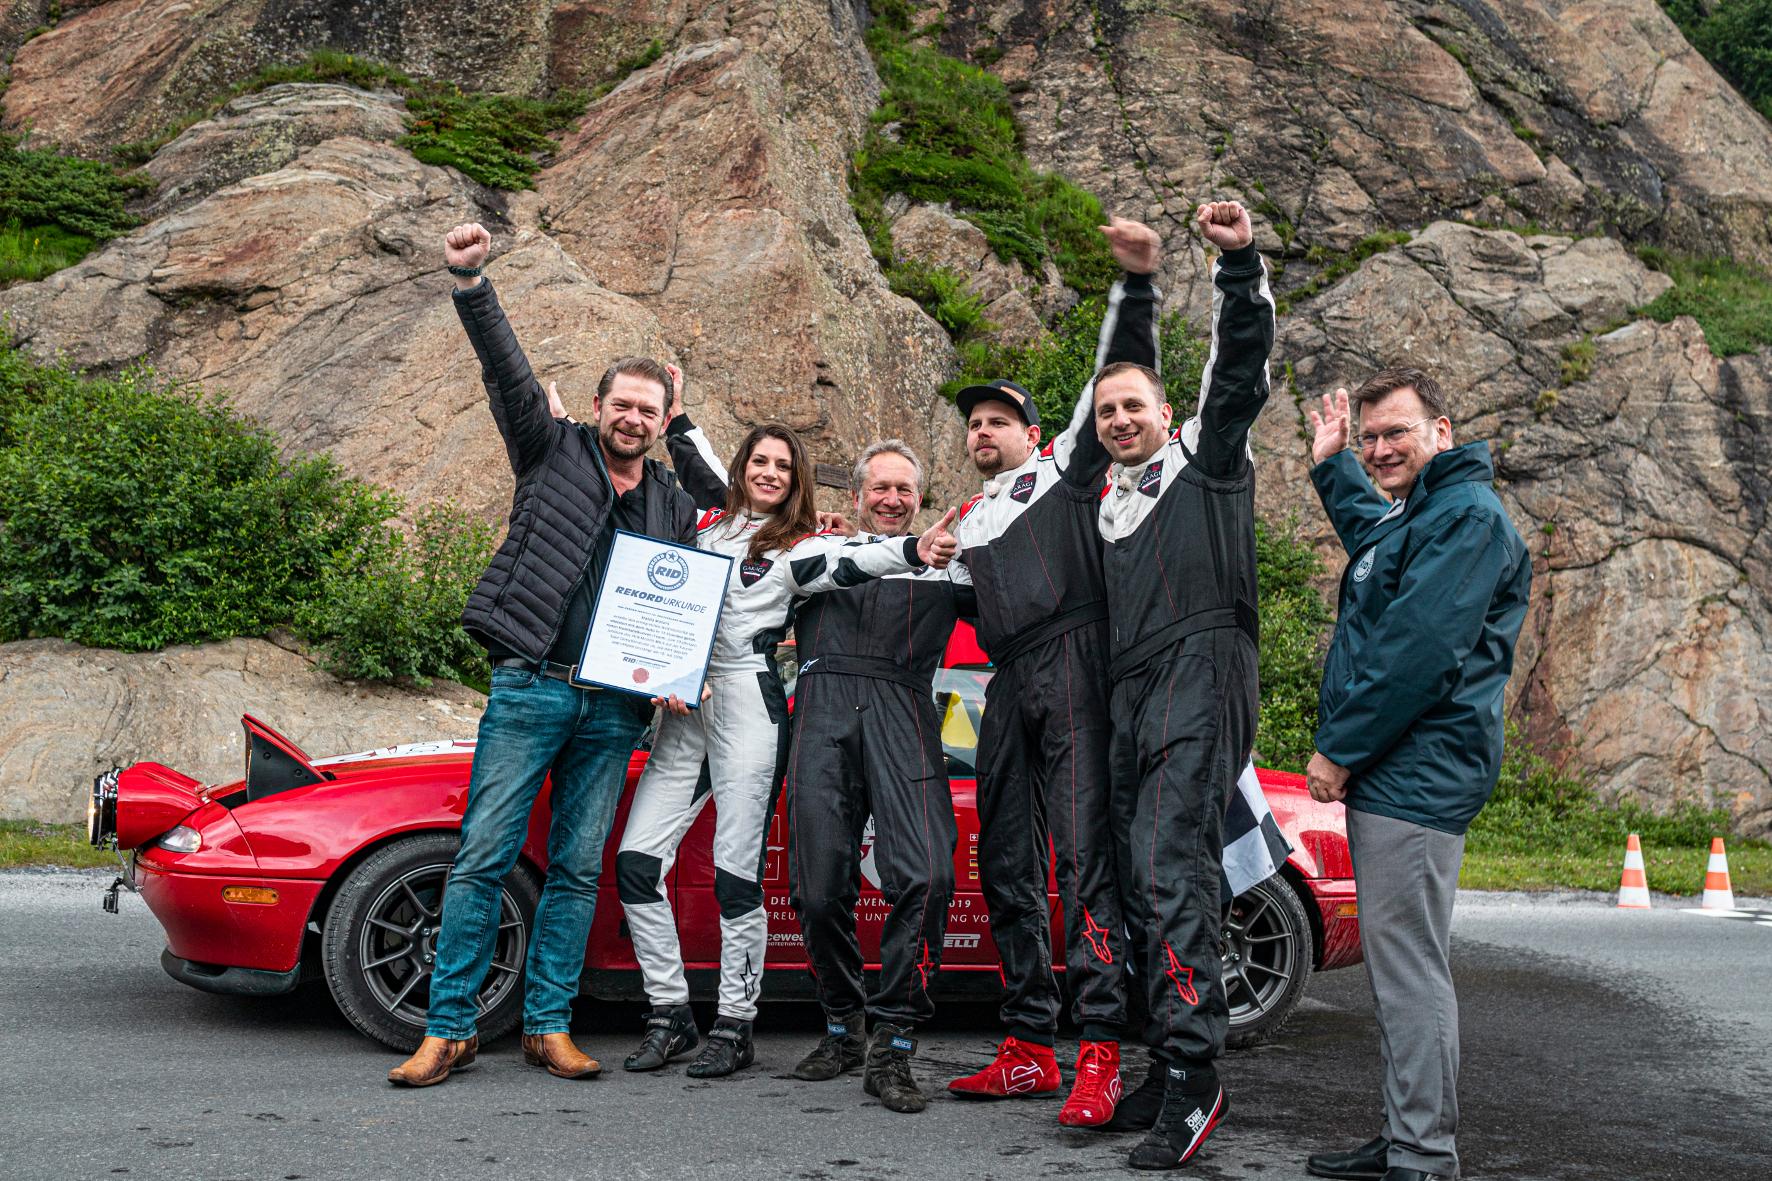 mid Groß-Gerau - Siegerfreuden: Das Mazda-Team ist Rekordhalter in einer kurvigen Disziplin. Mazda